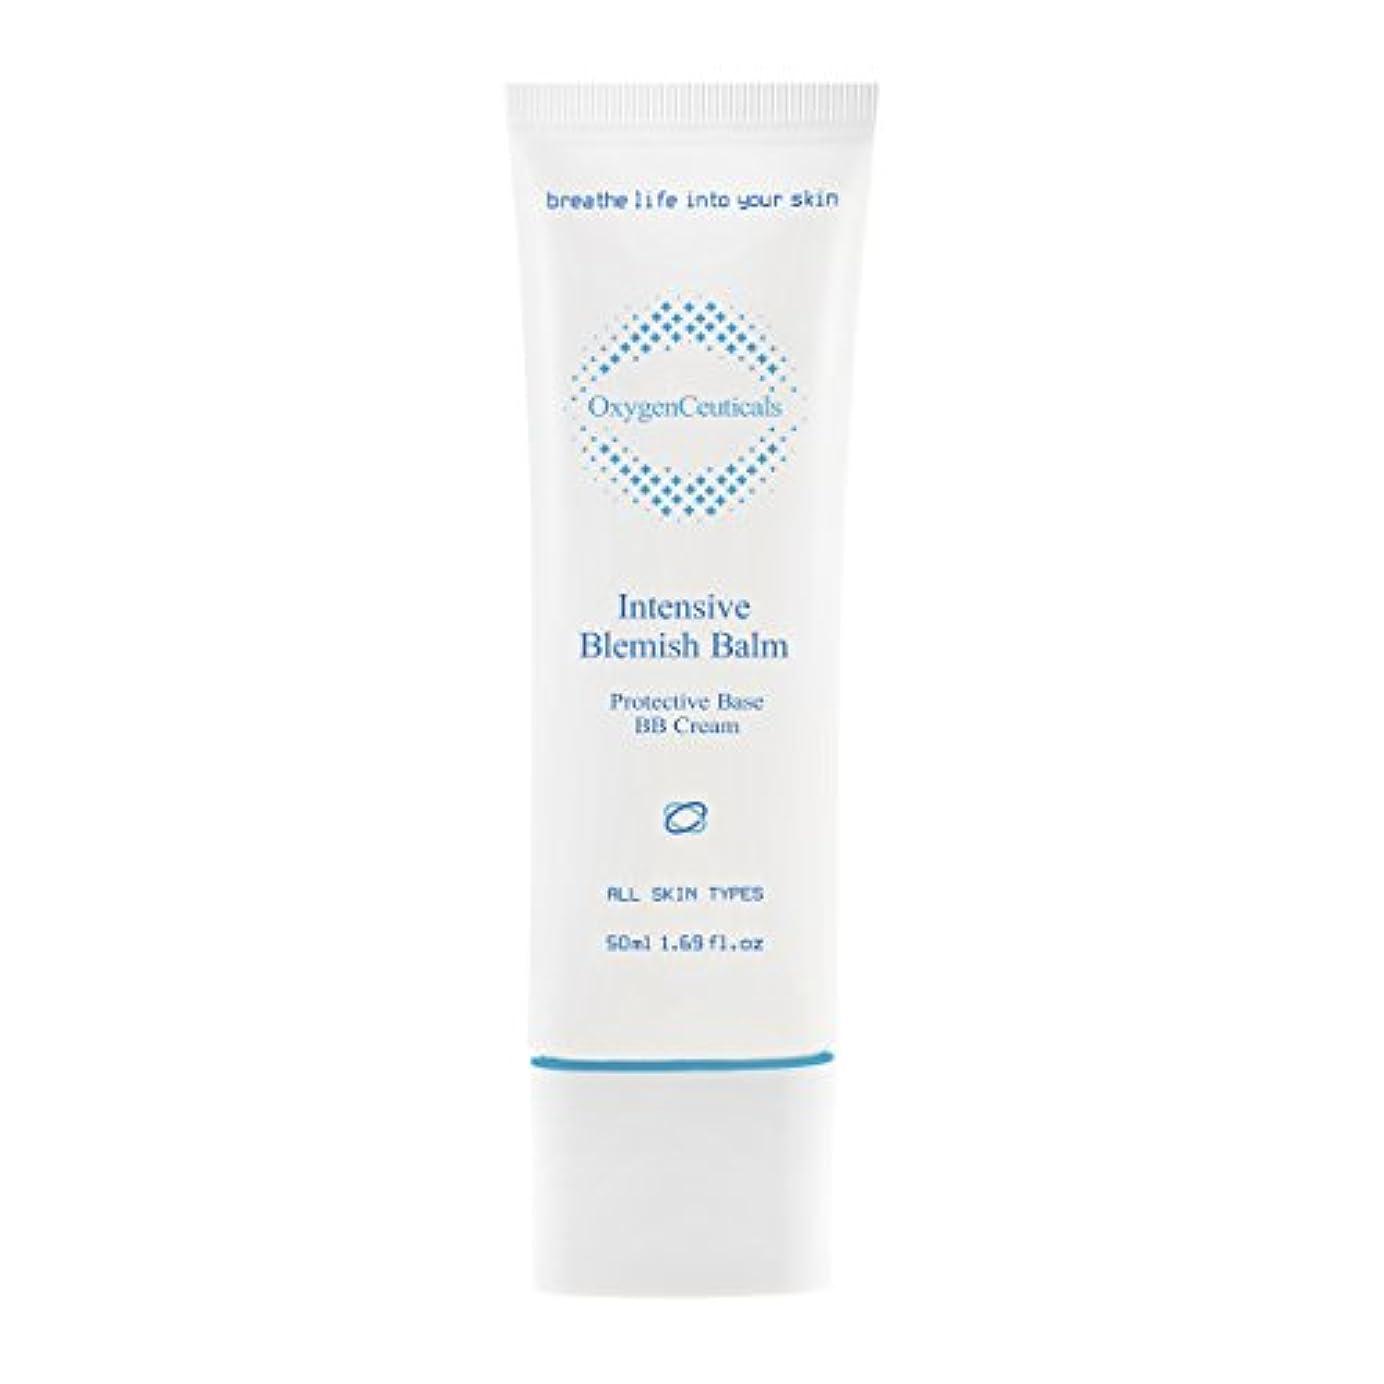 クロスいろいろドーム[ Oxygen Ceuticals ] オキシジェンシューティカルズ 酸素BBクリーム[再.生BB] 50ml. Intensive Blemish Balm(BB Cream) 50ml. X Mask Pack 1p.